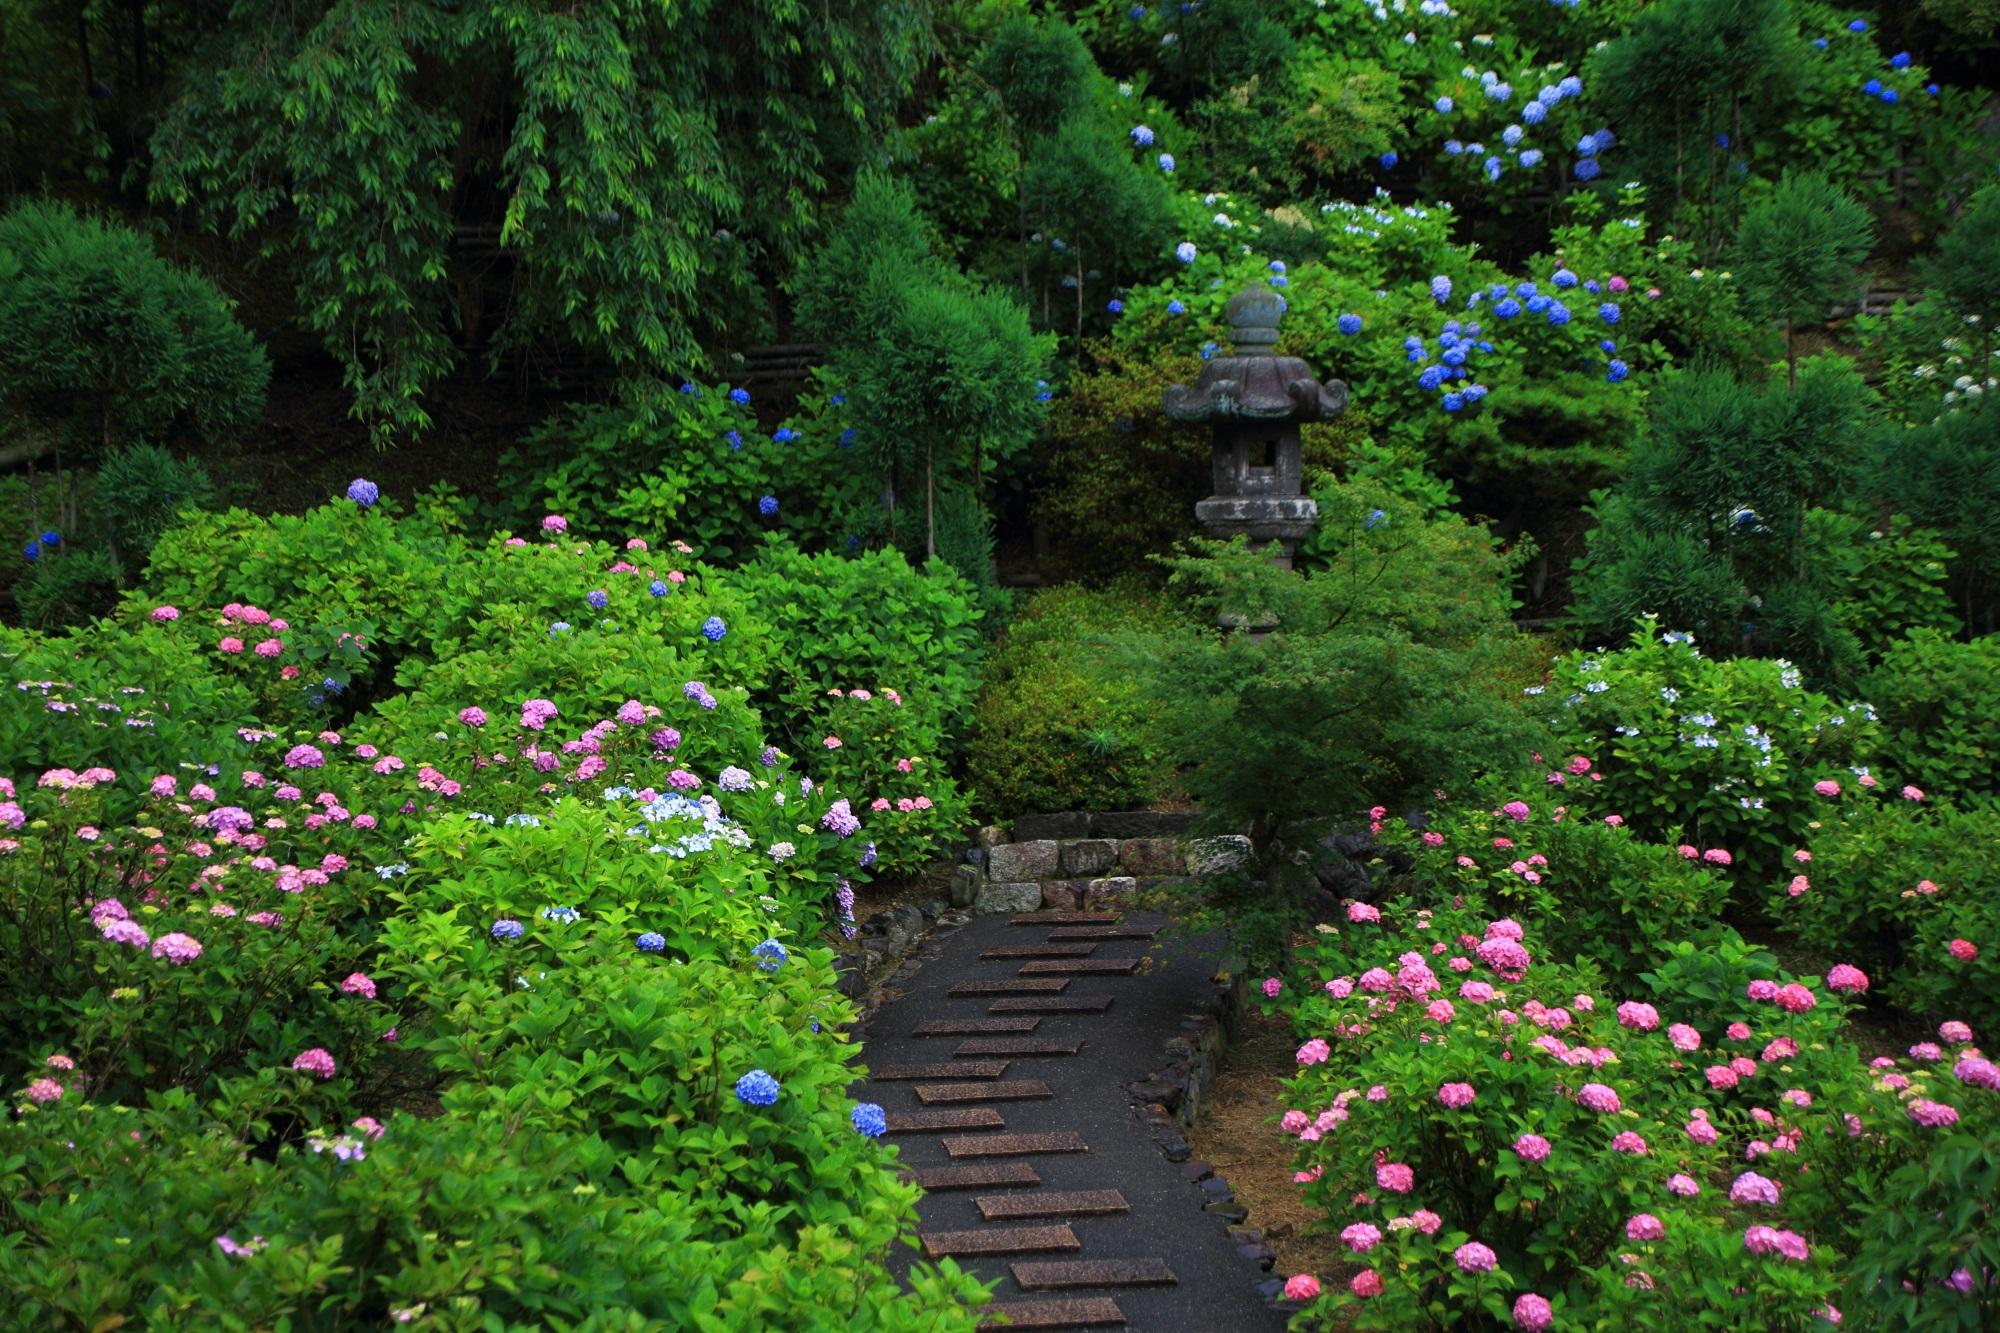 善峯寺の初夏の庭園を彩る華やかなピンクの紫陽花